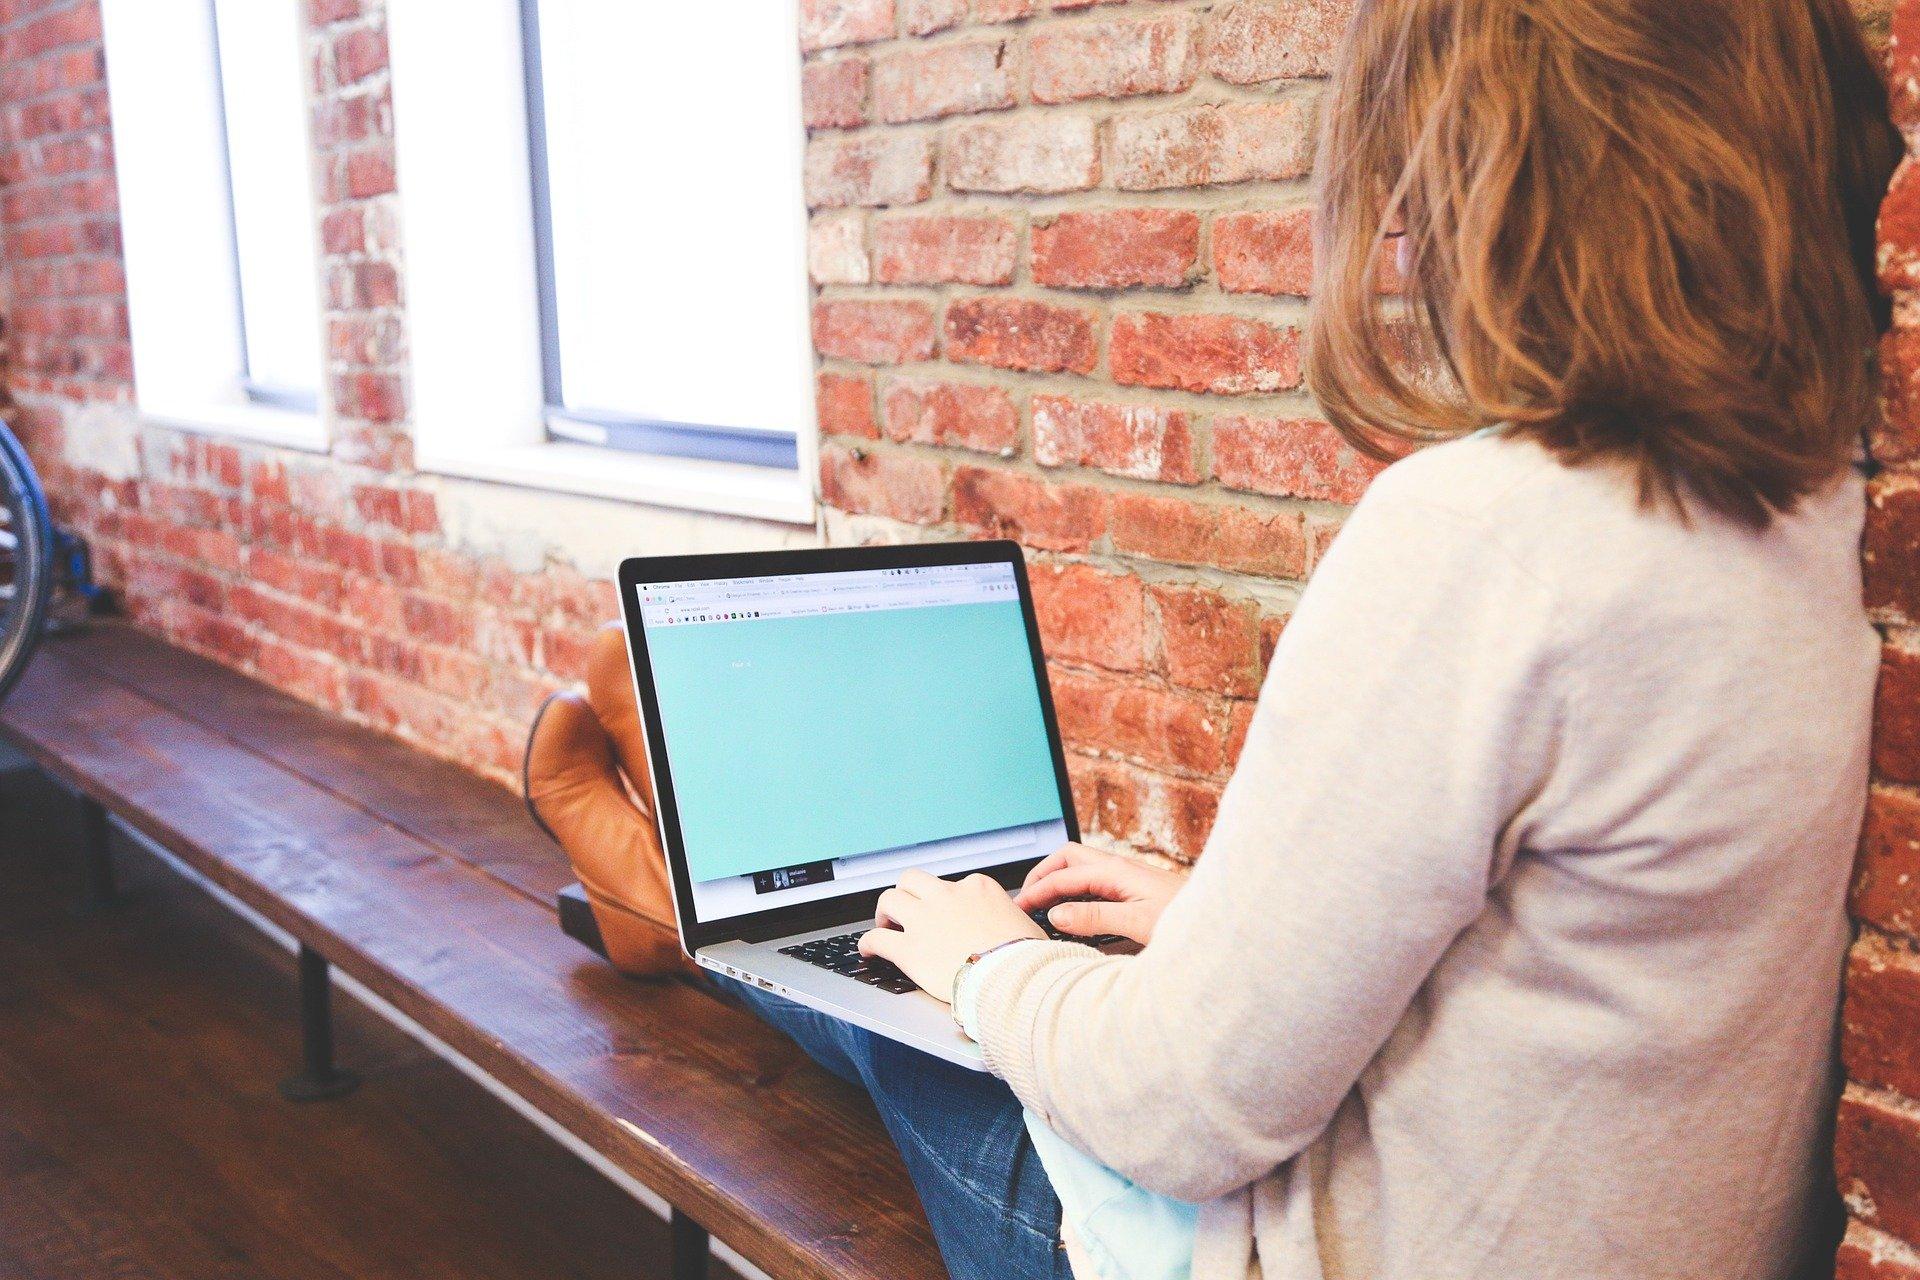 Mulher sentada com notebook no colo.